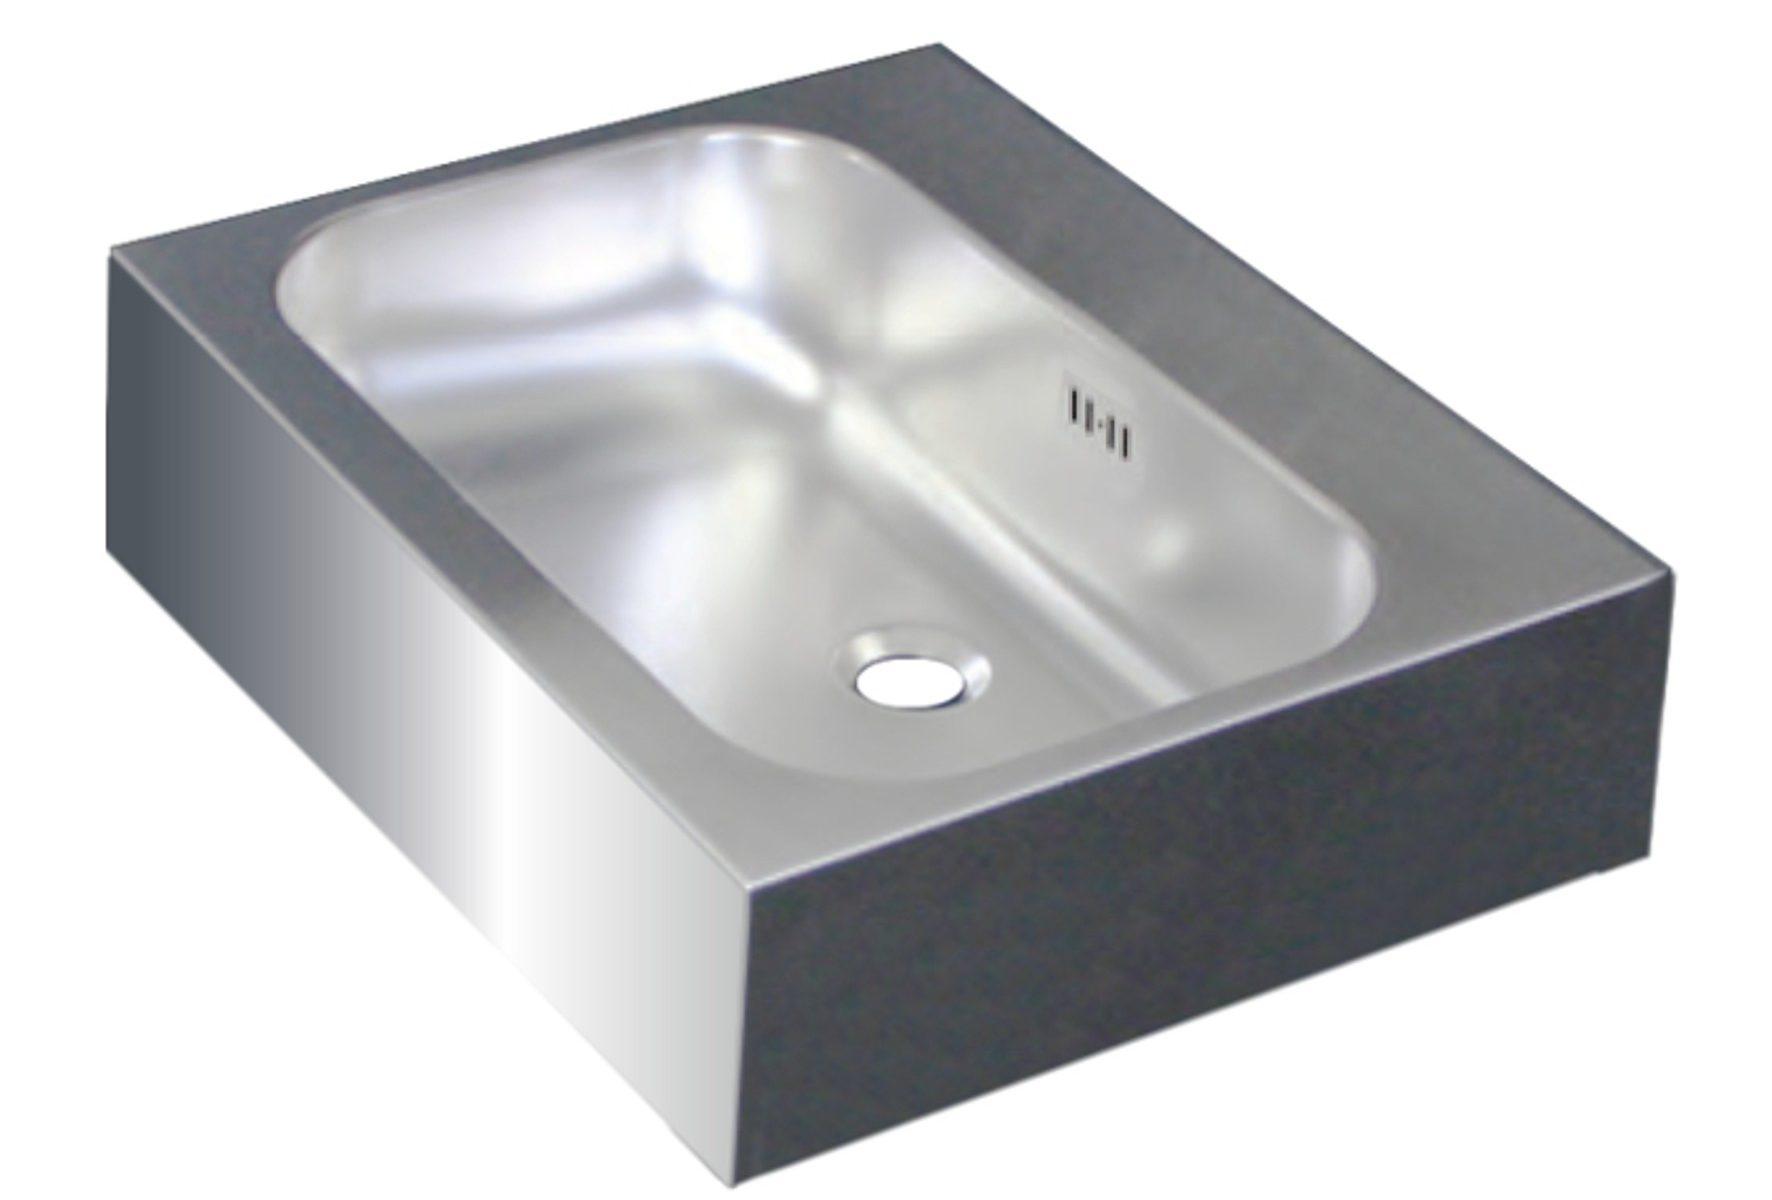 Edelstahl Waschtisch GEOMETRIK 55x44 mit Überlauf ohne Hahnloch